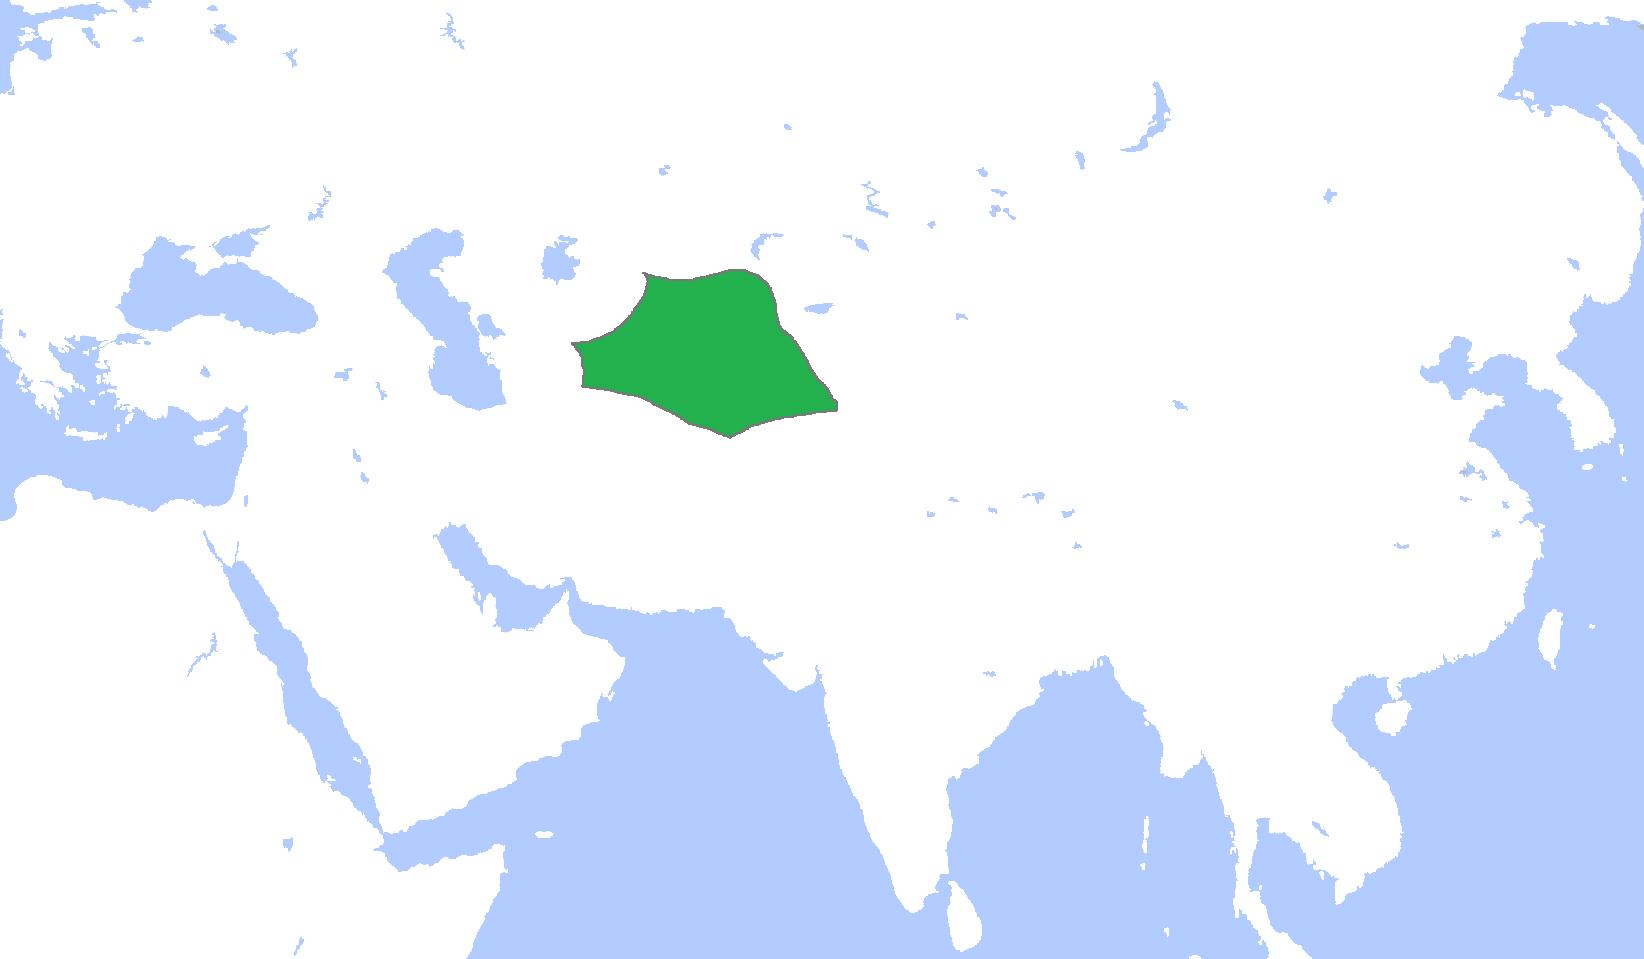 Bukhara1600.png